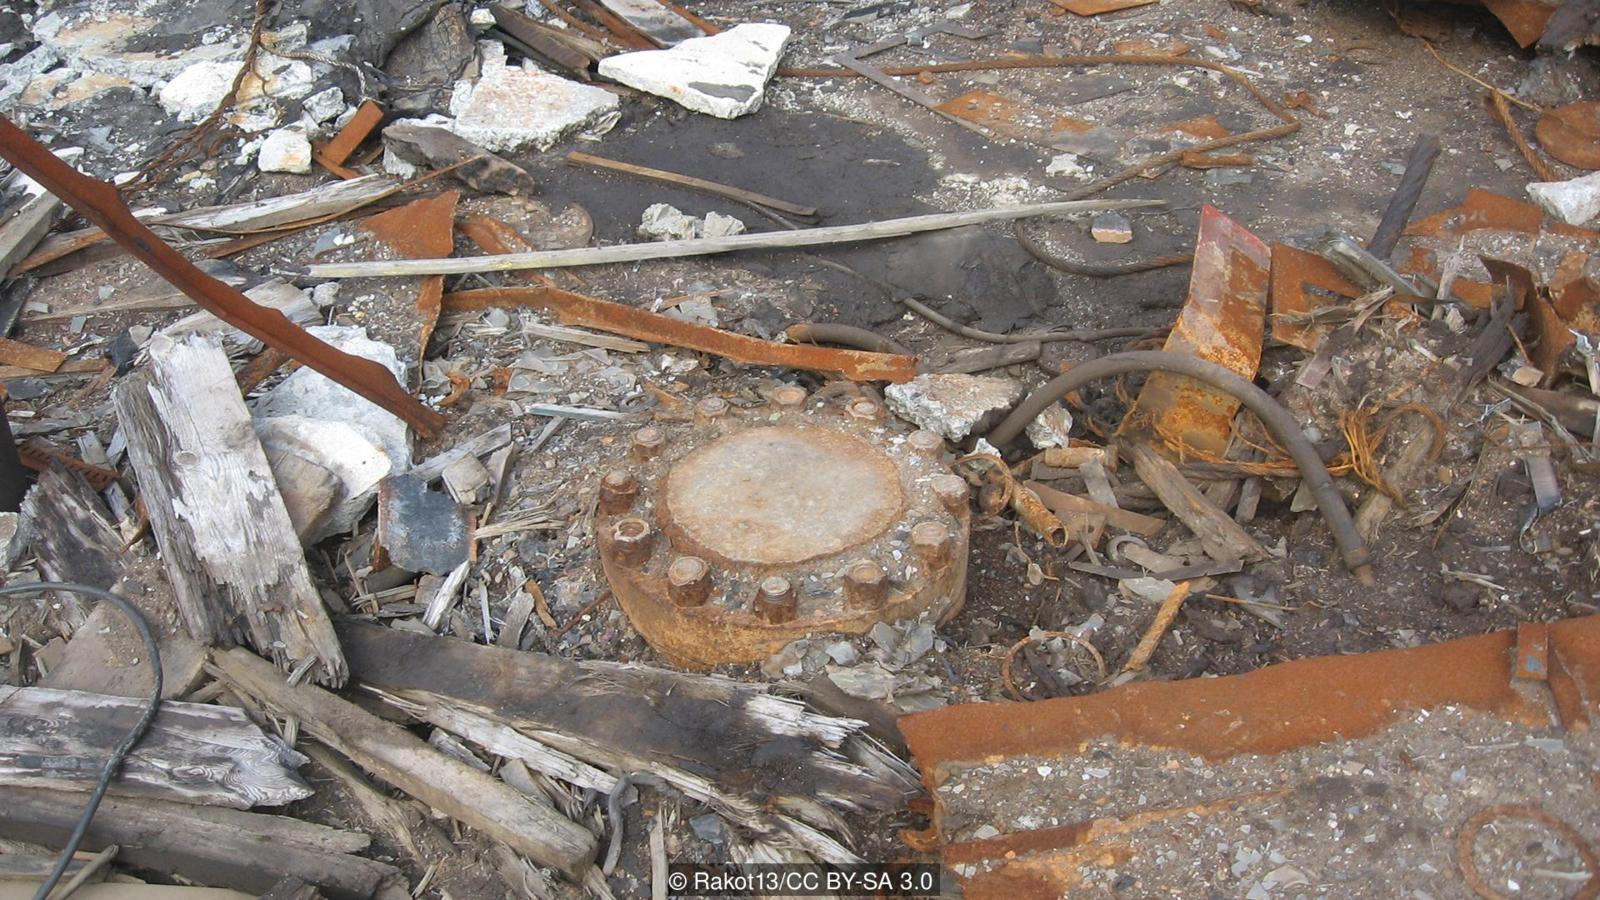 知否|现实版地狱之门?地球最深人造钻孔挖到了啥?